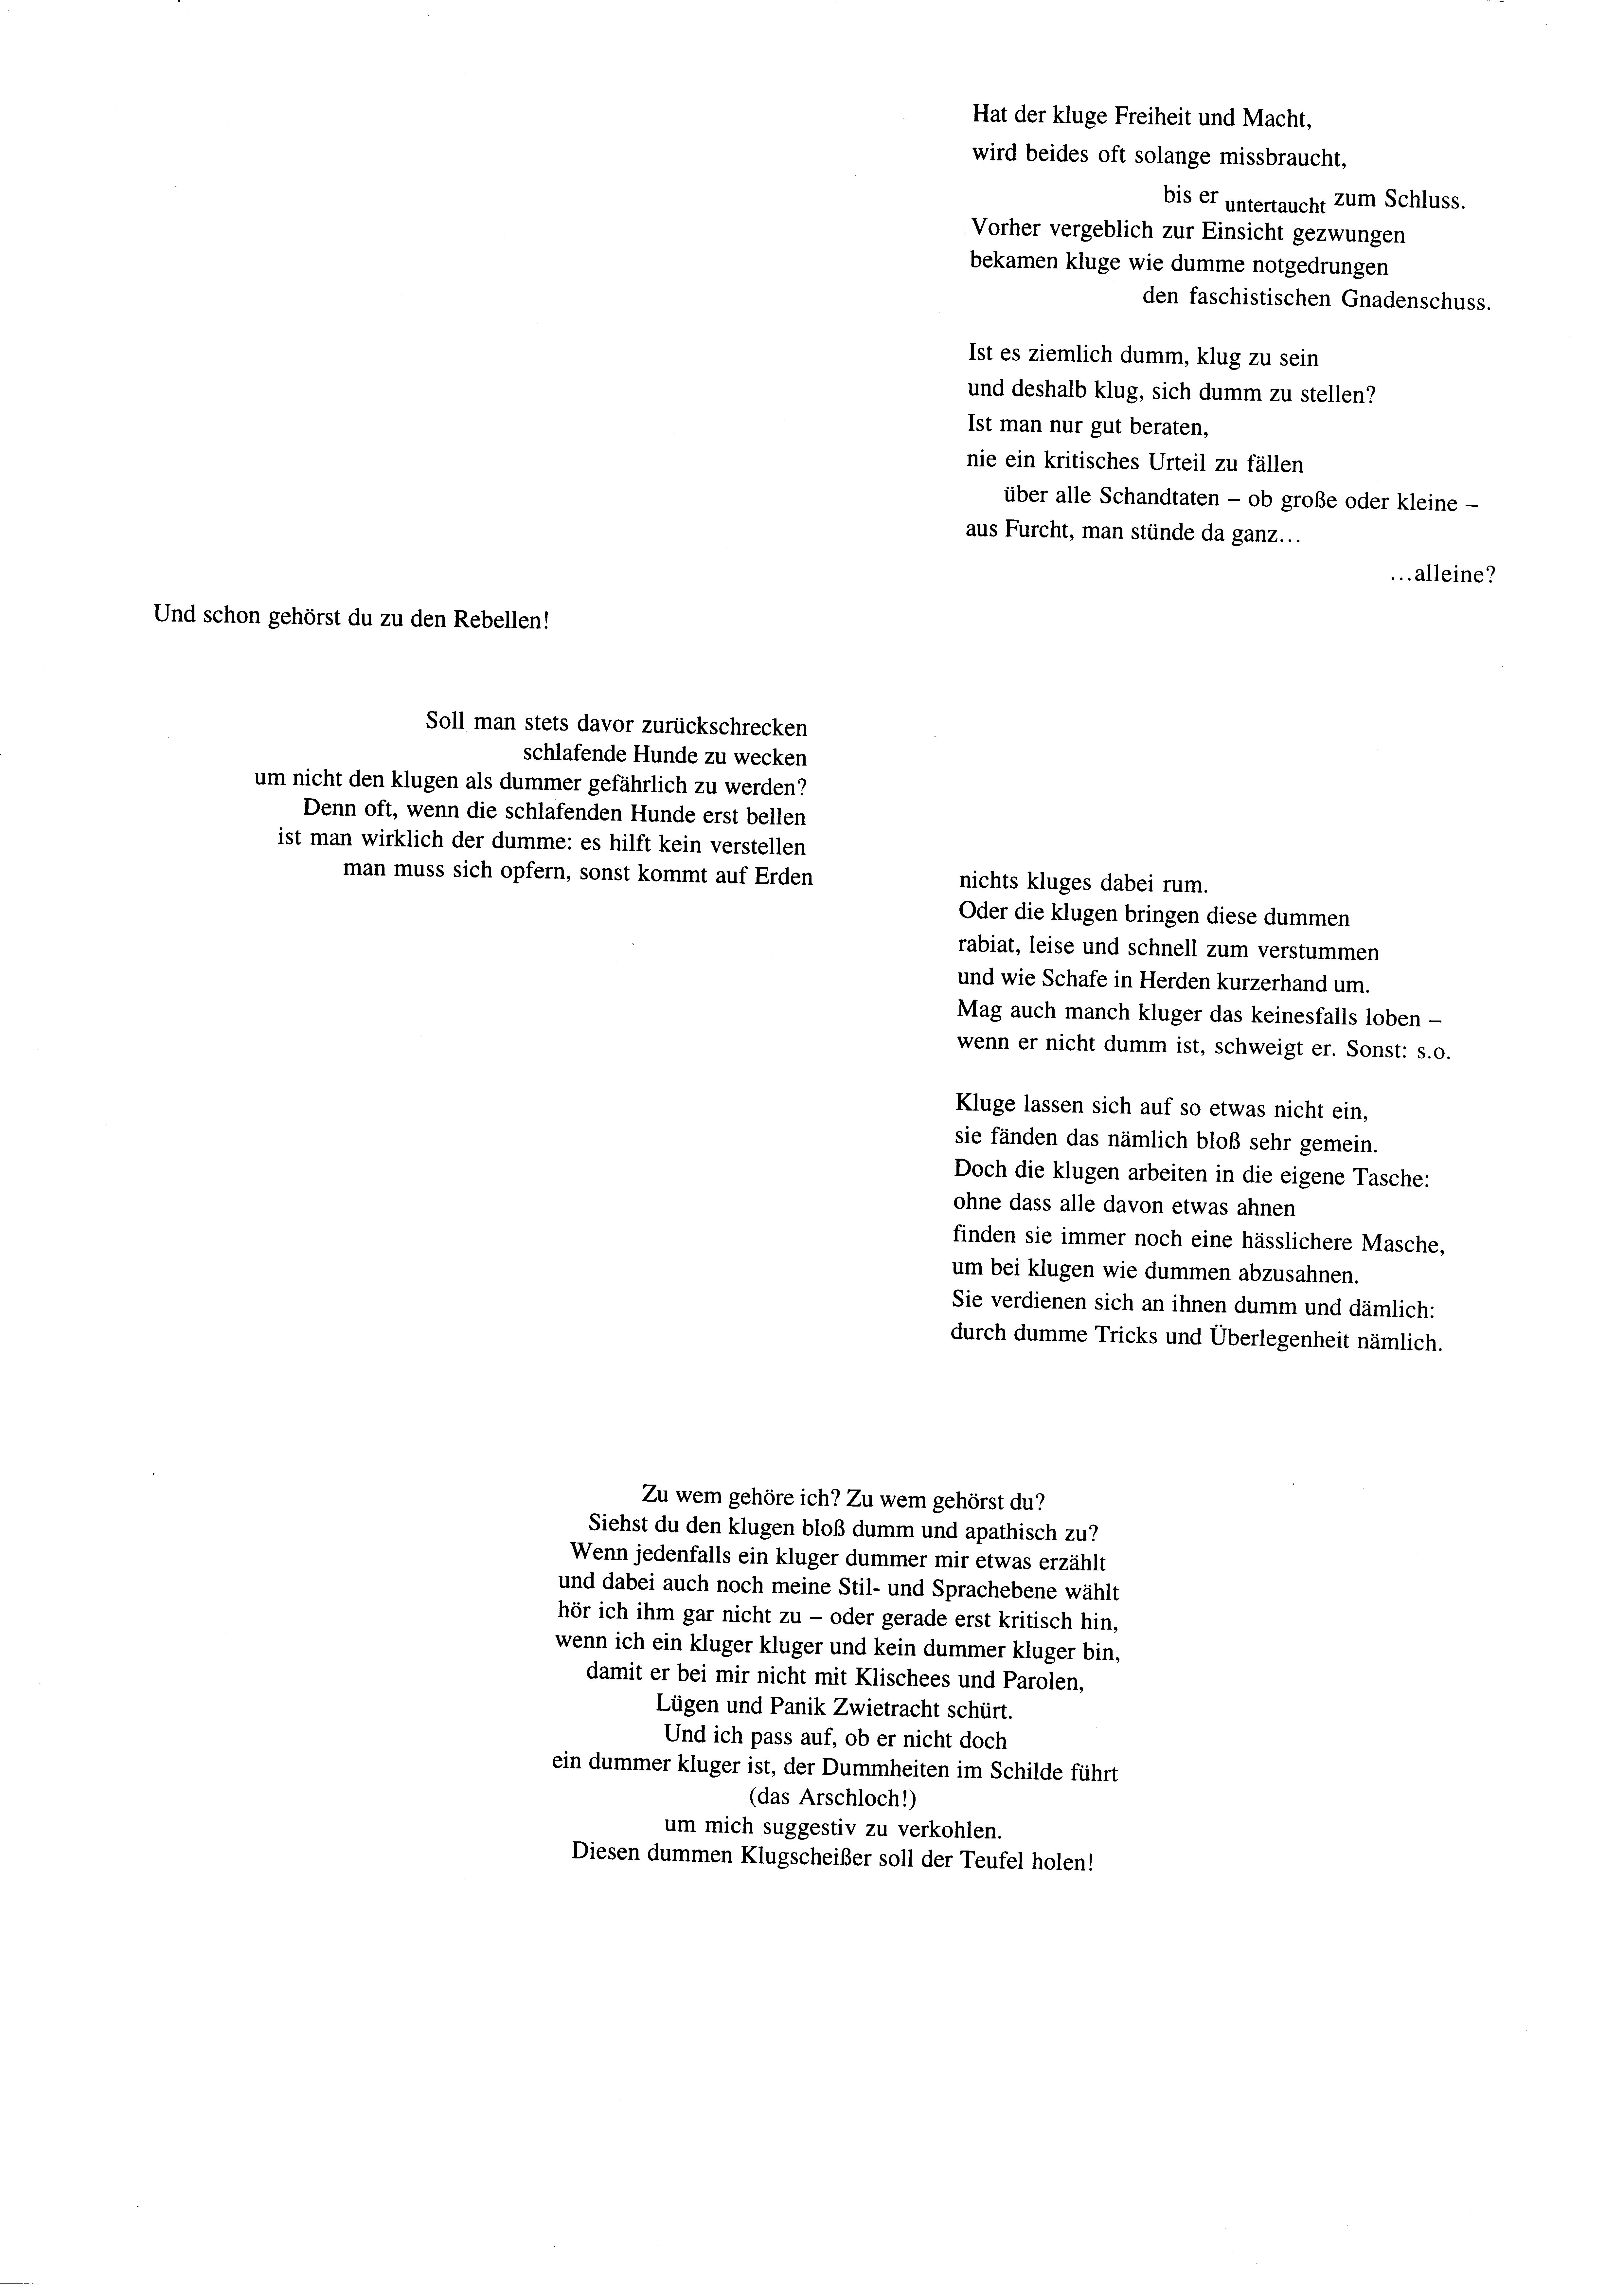 Allegorische Fuge Seite 2